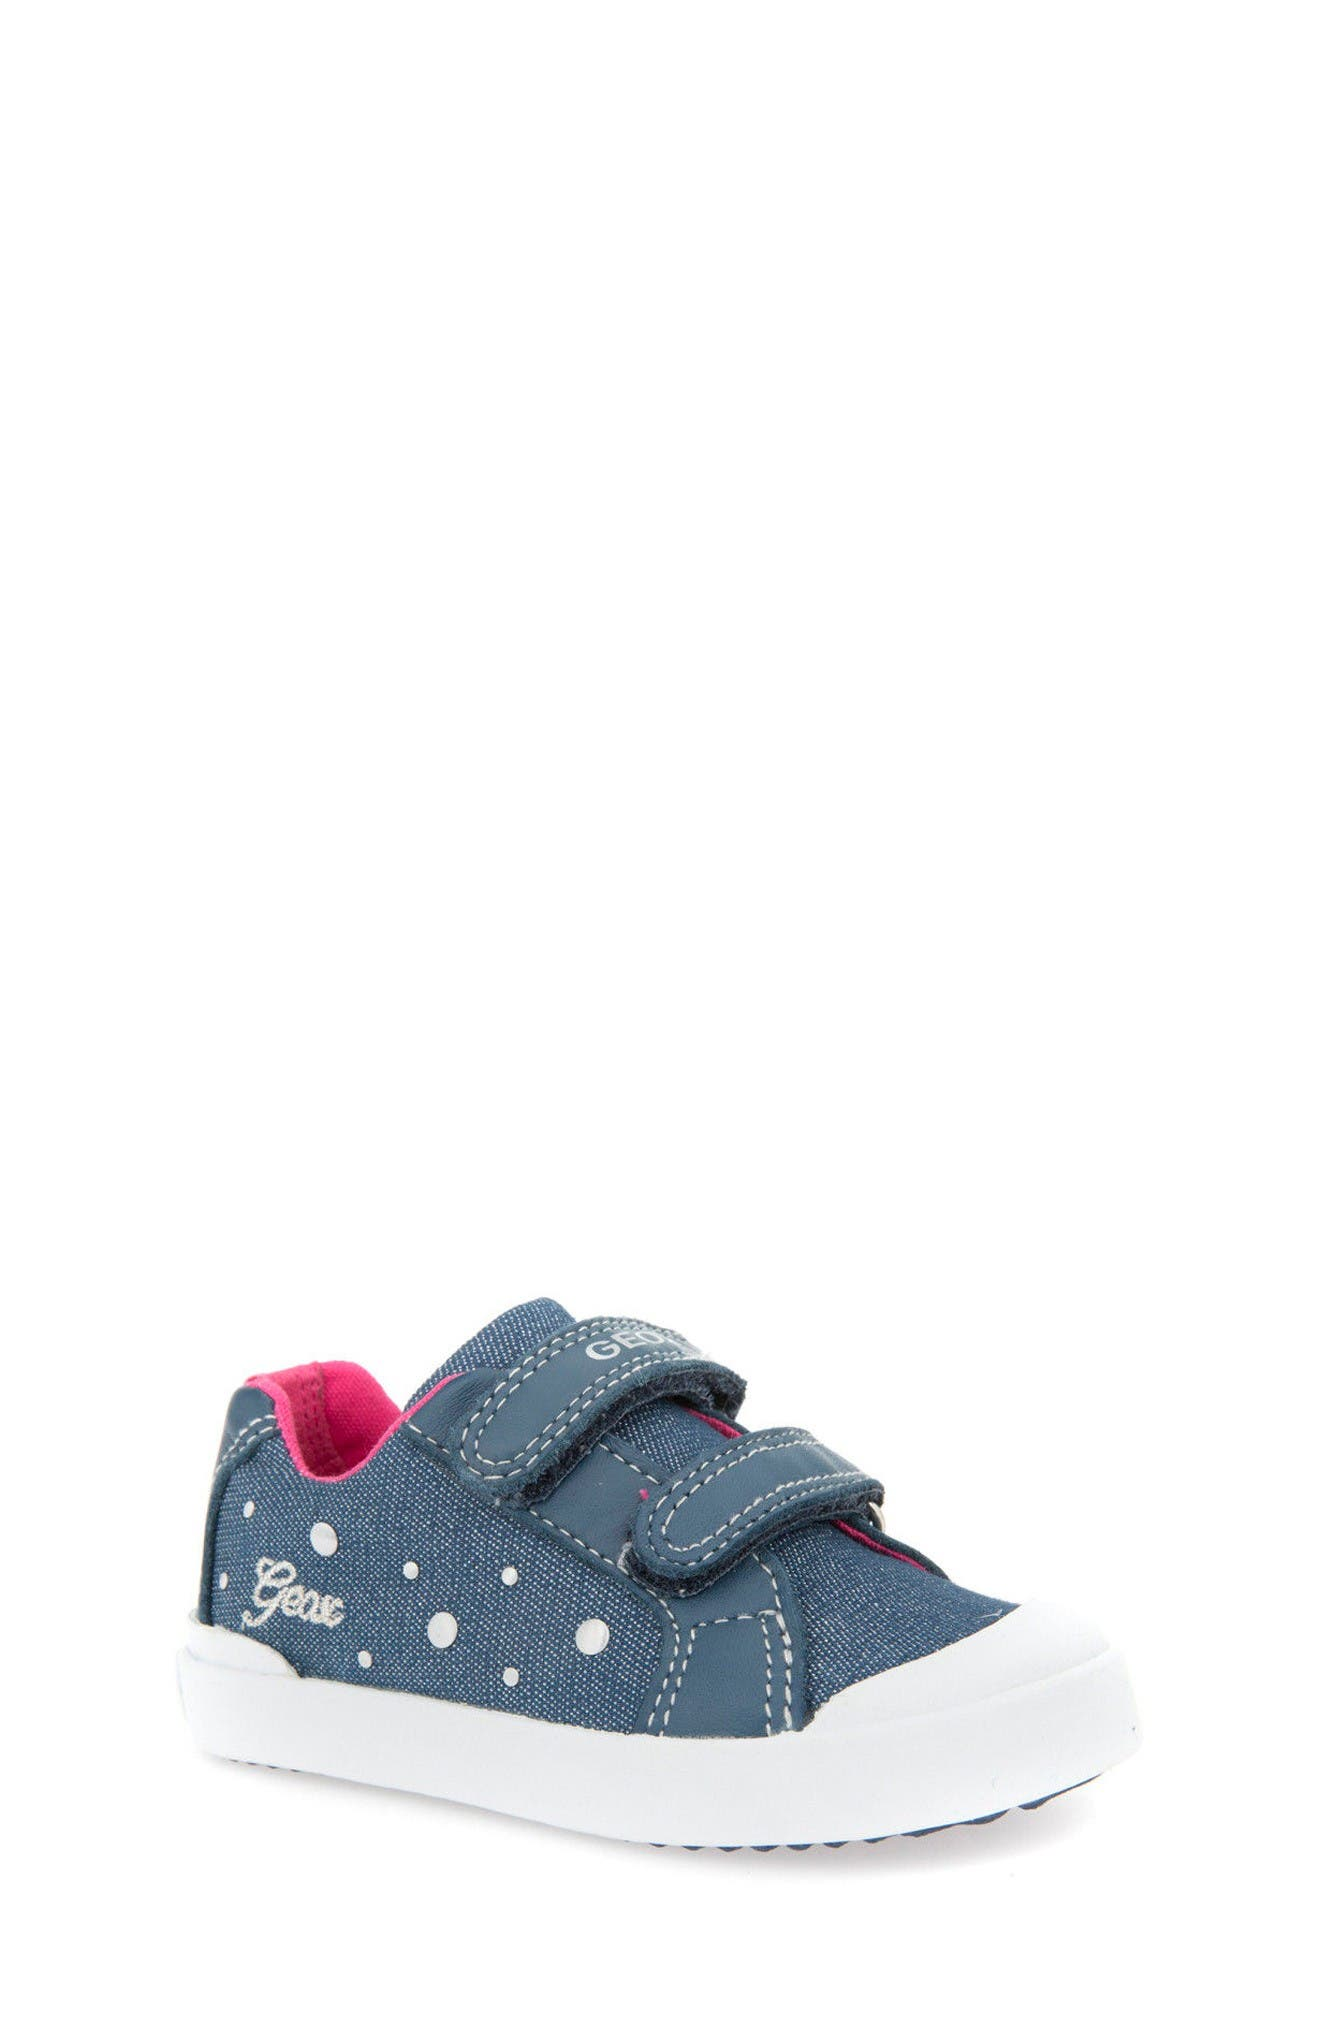 Geox Kiwi Studded Sneaker (Walker & Toddler)